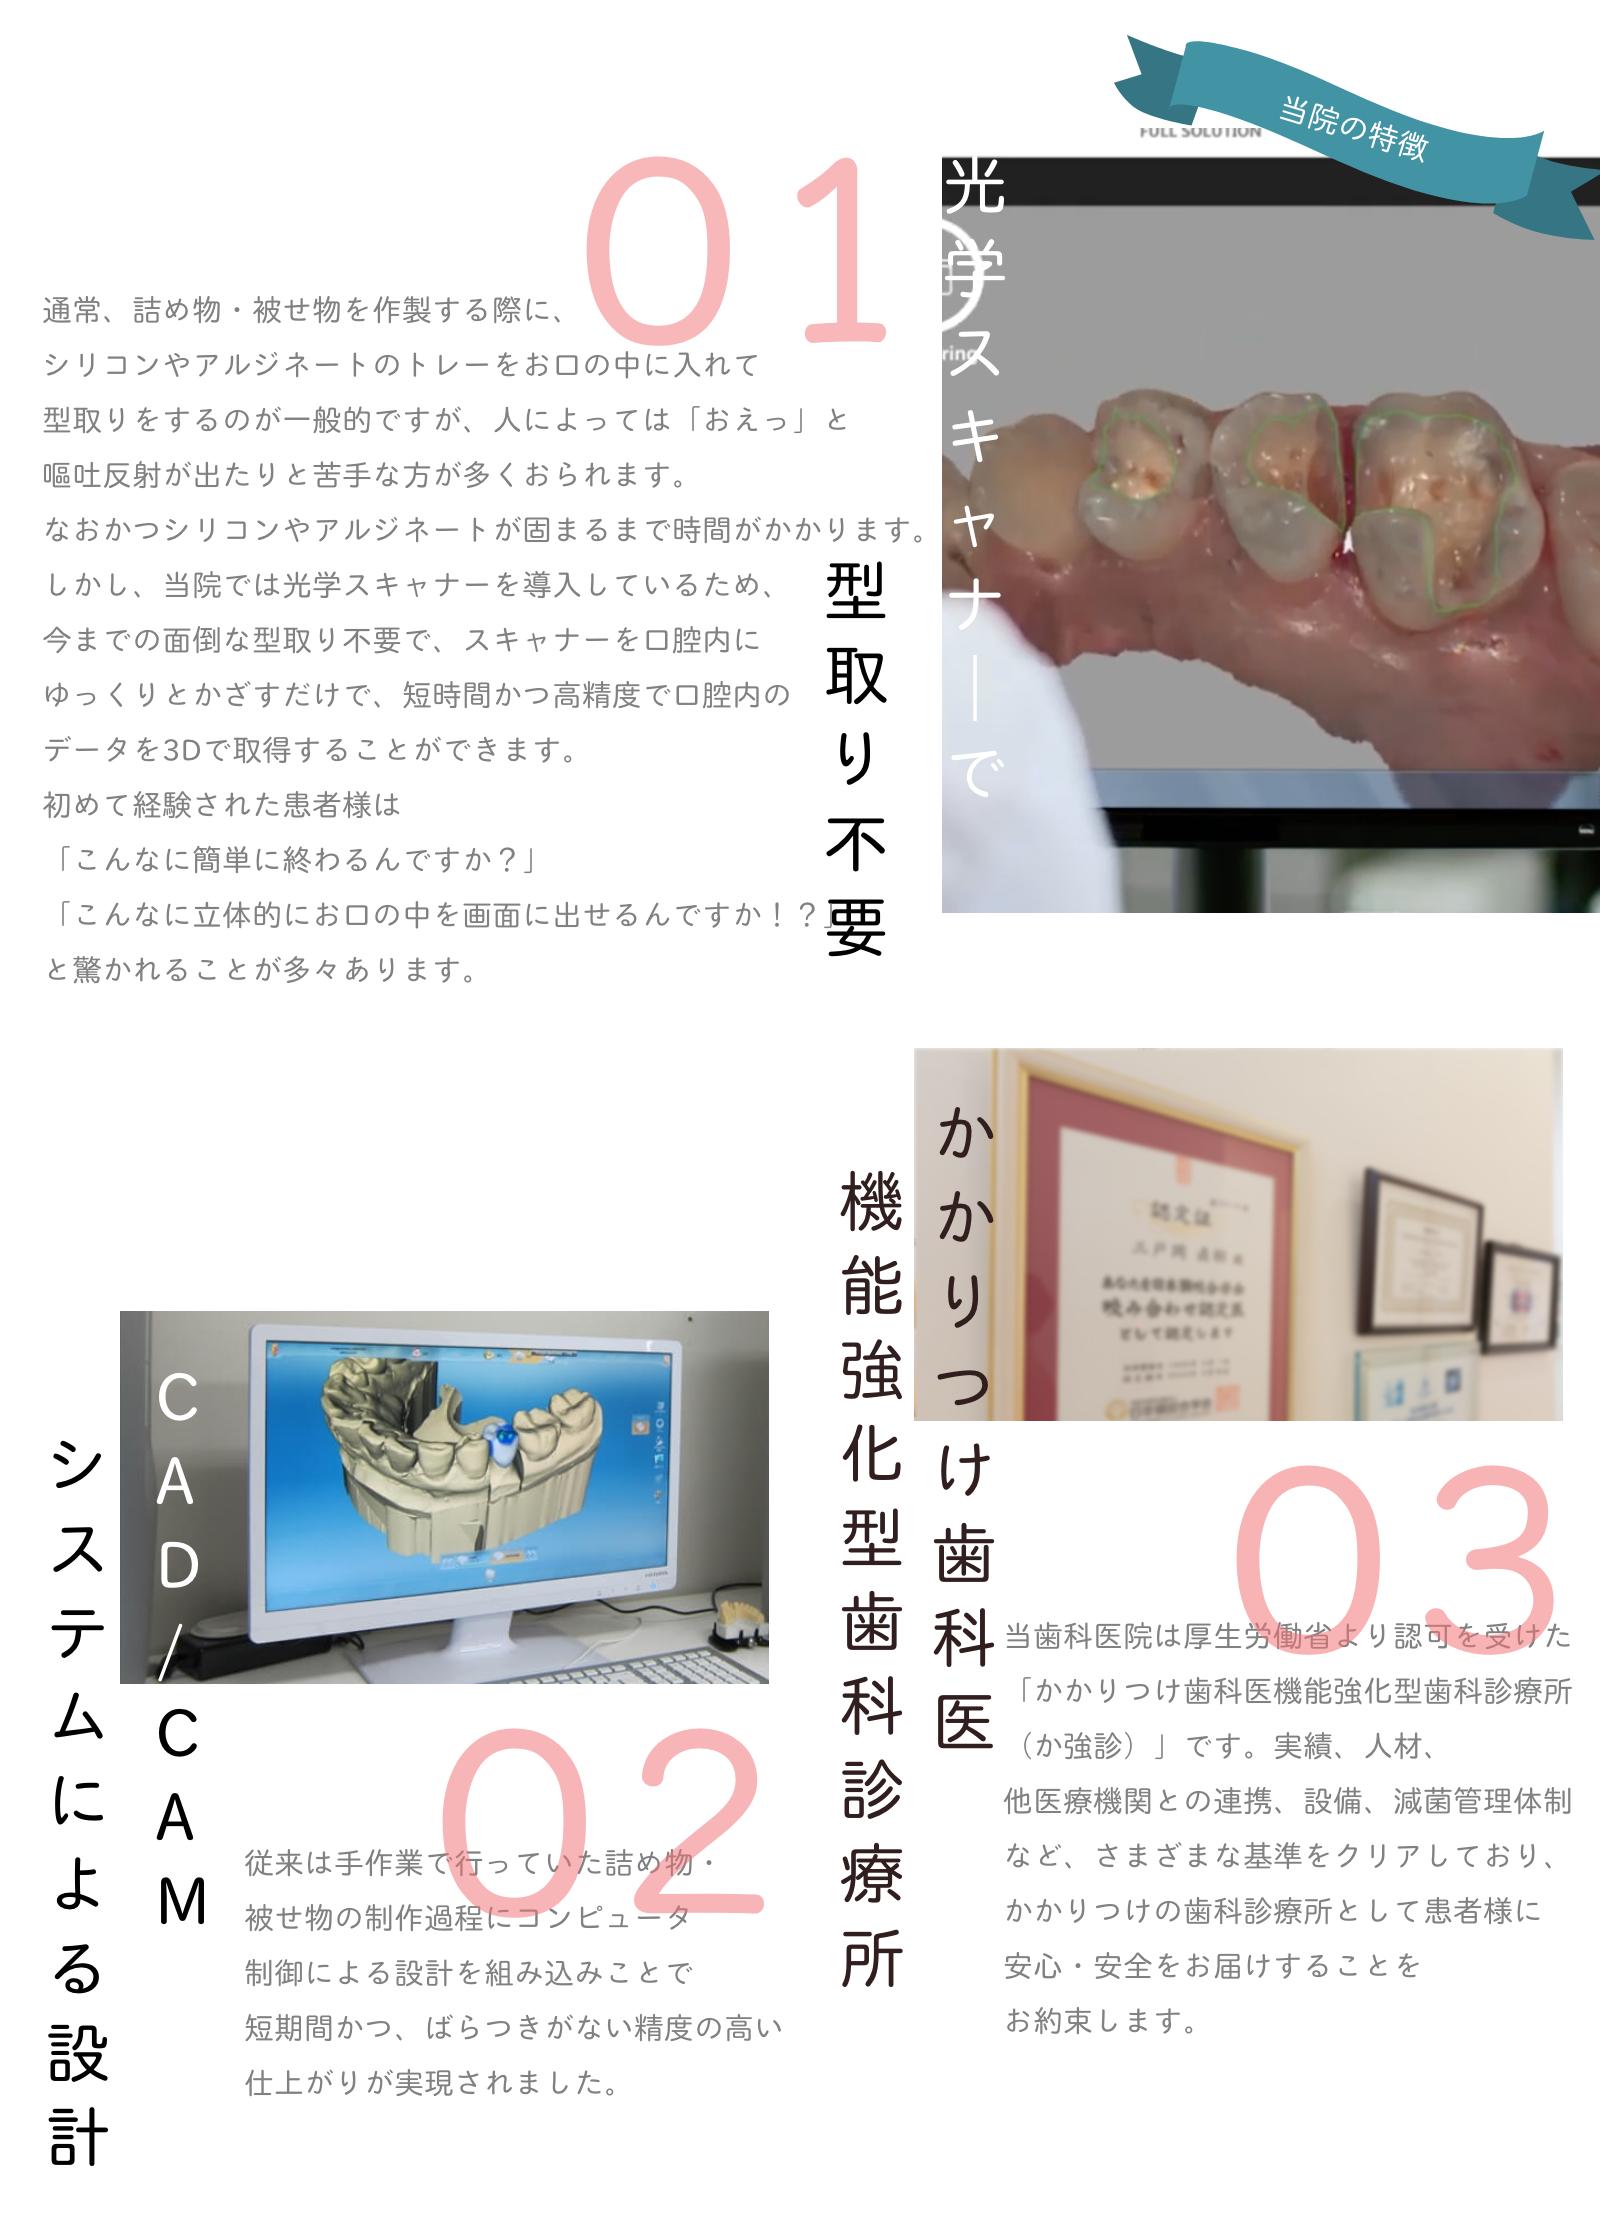 銀歯の治療においての当院の特長